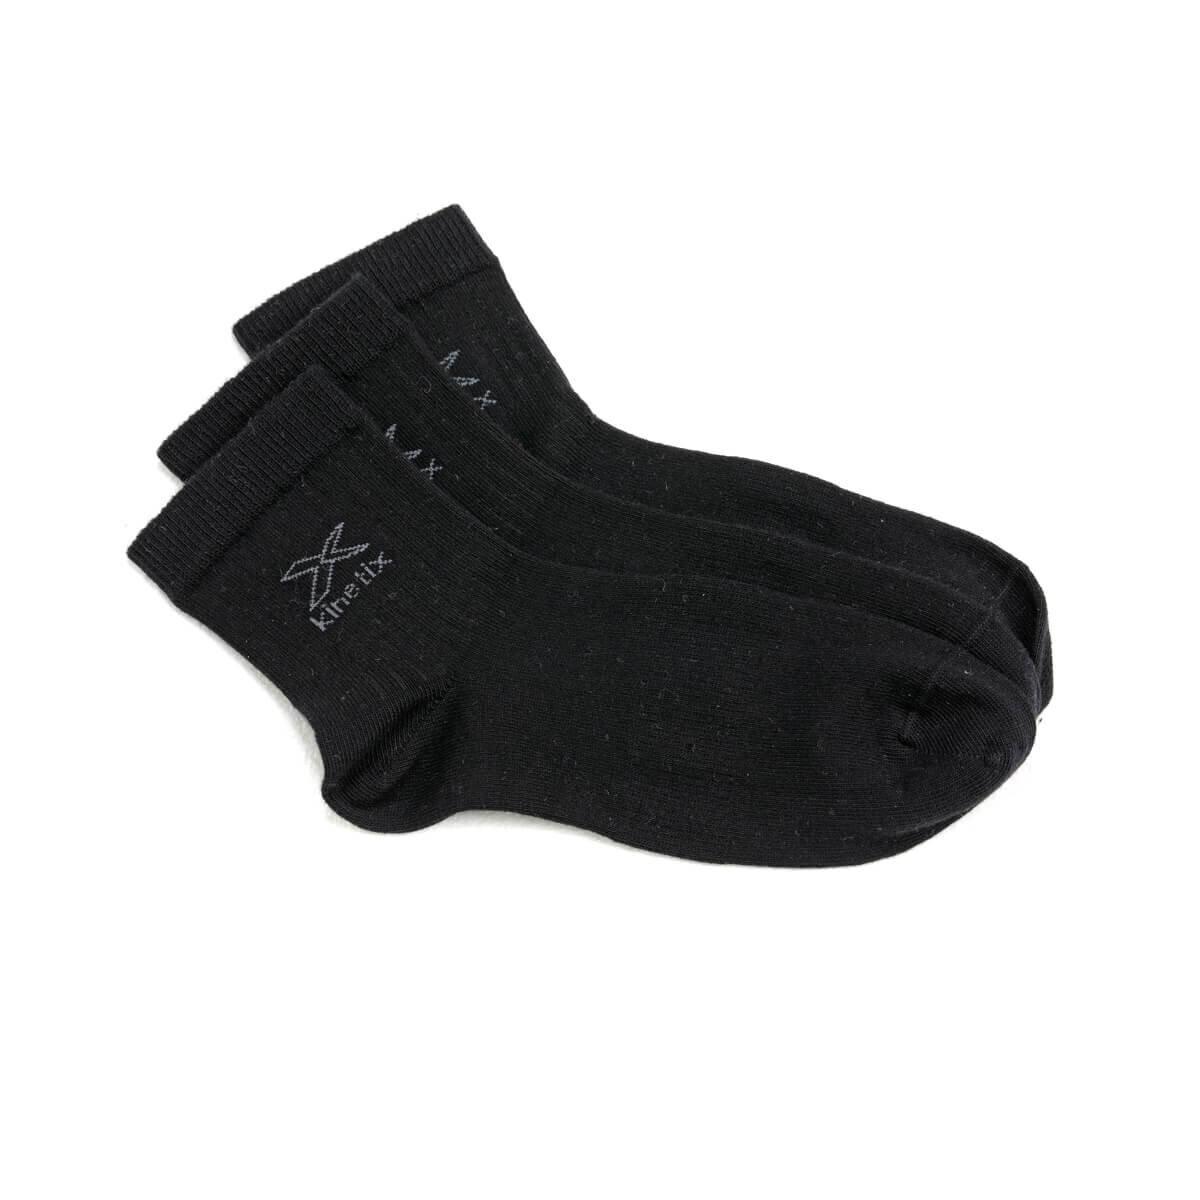 SIYAH Kadın Çorap DARLENE